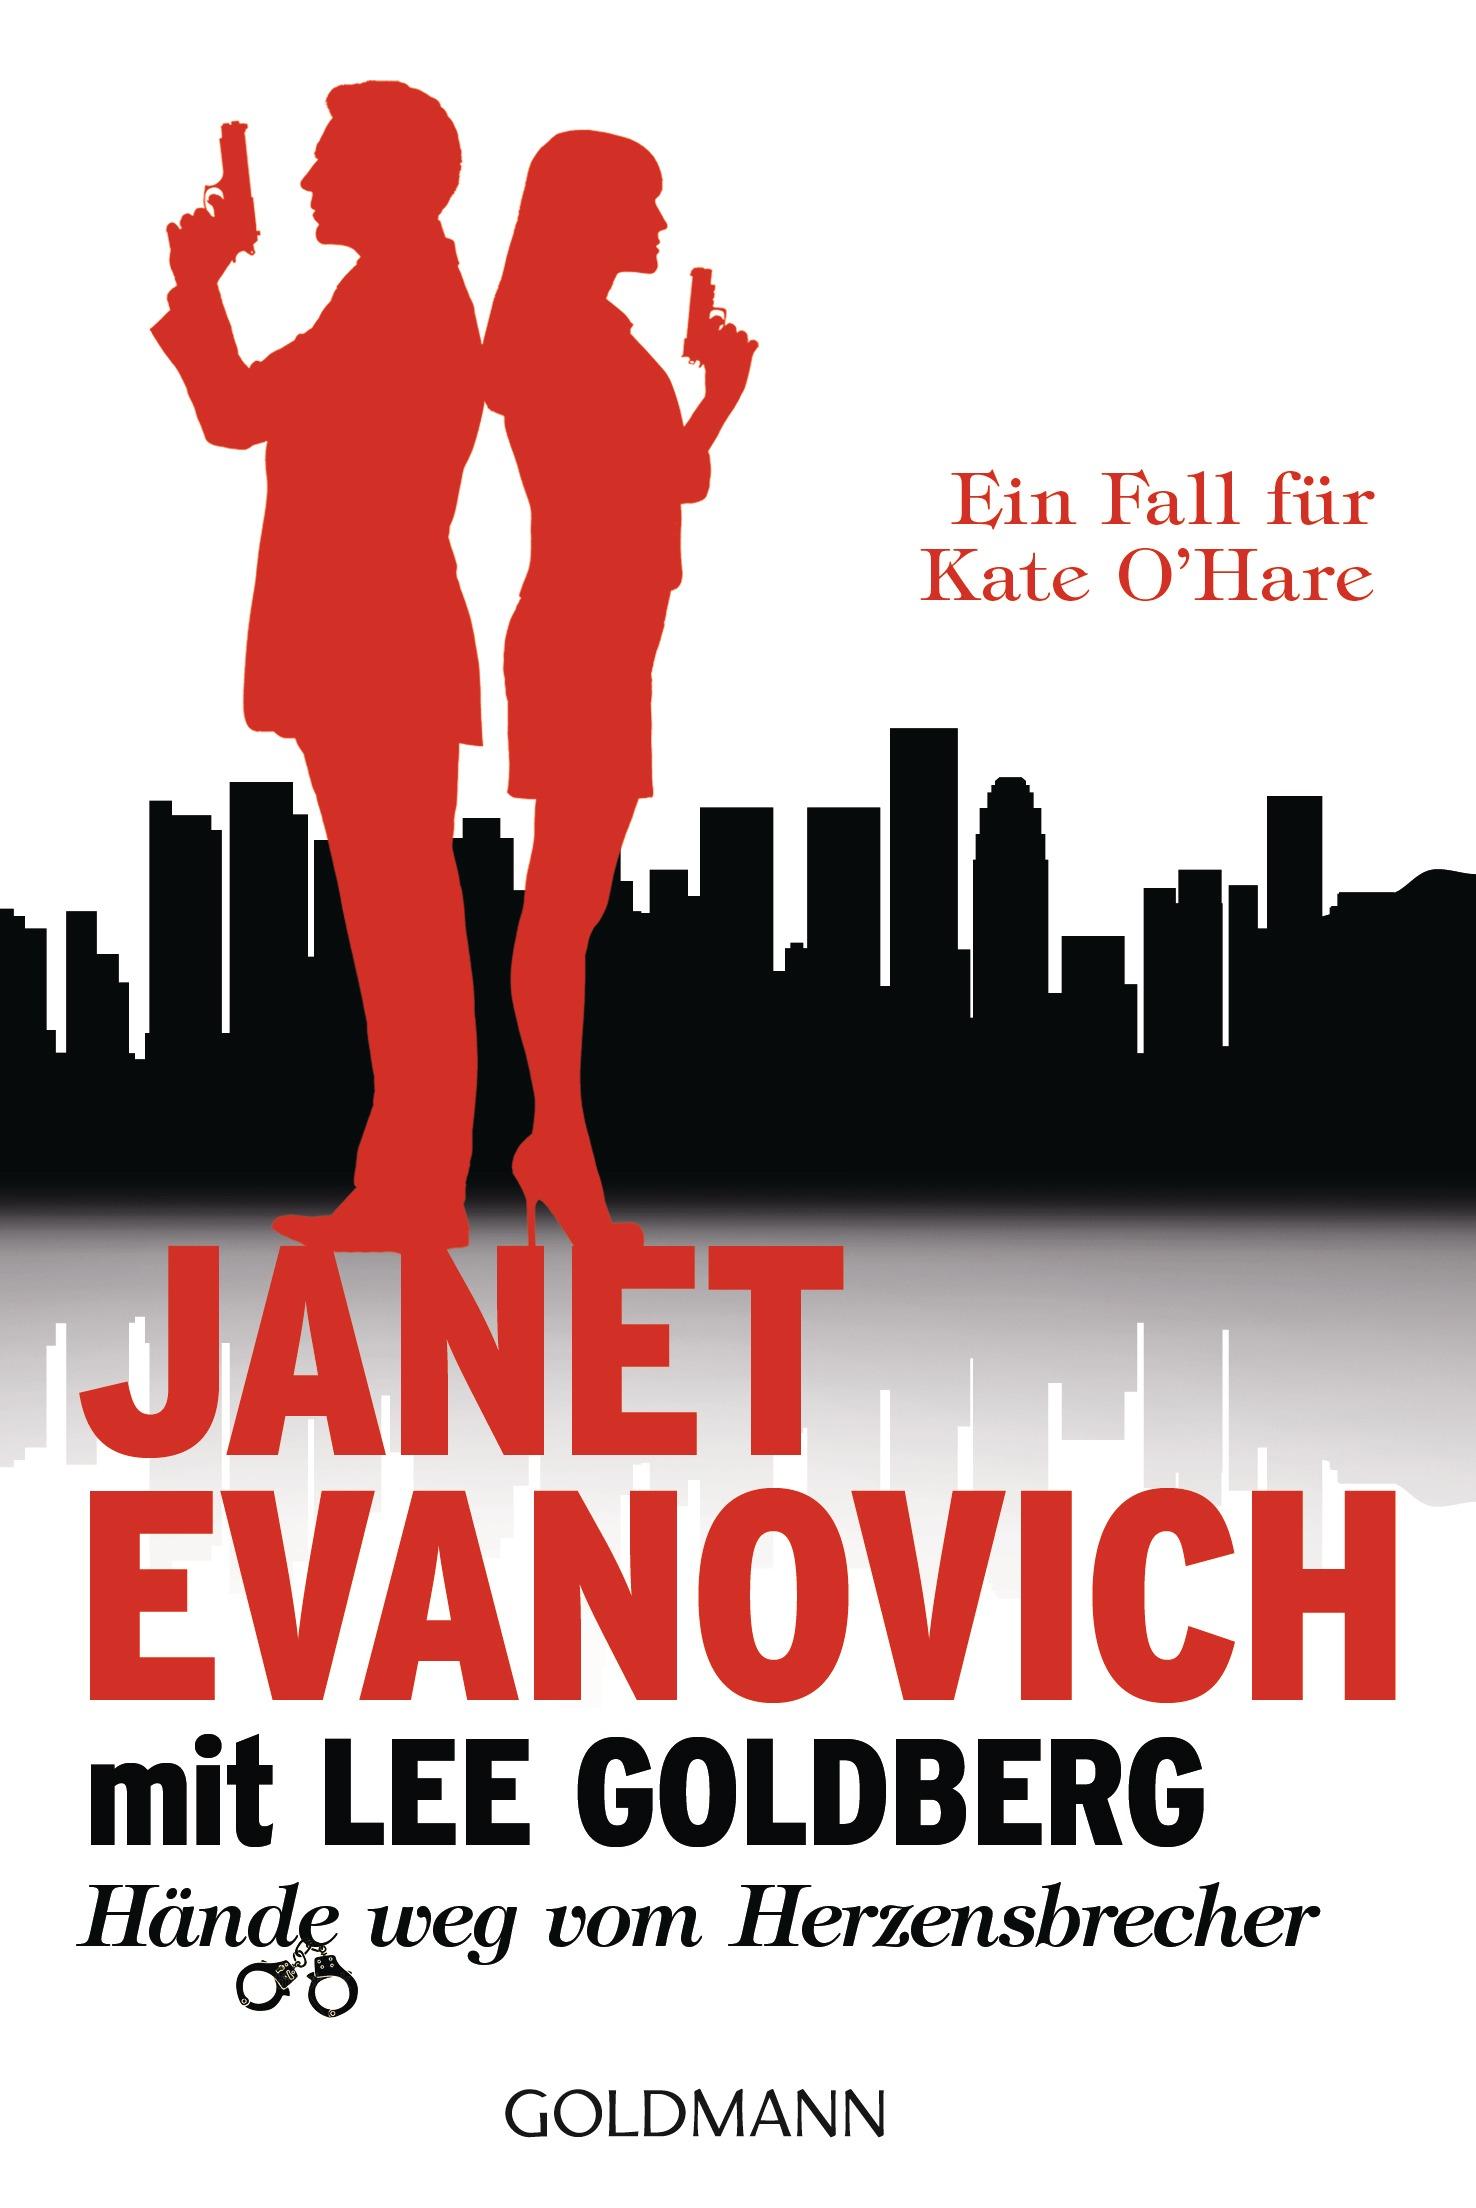 Hände weg vom Herzensbrecher: Ein Fall für Kate O´Hare - Evanovich, Janet